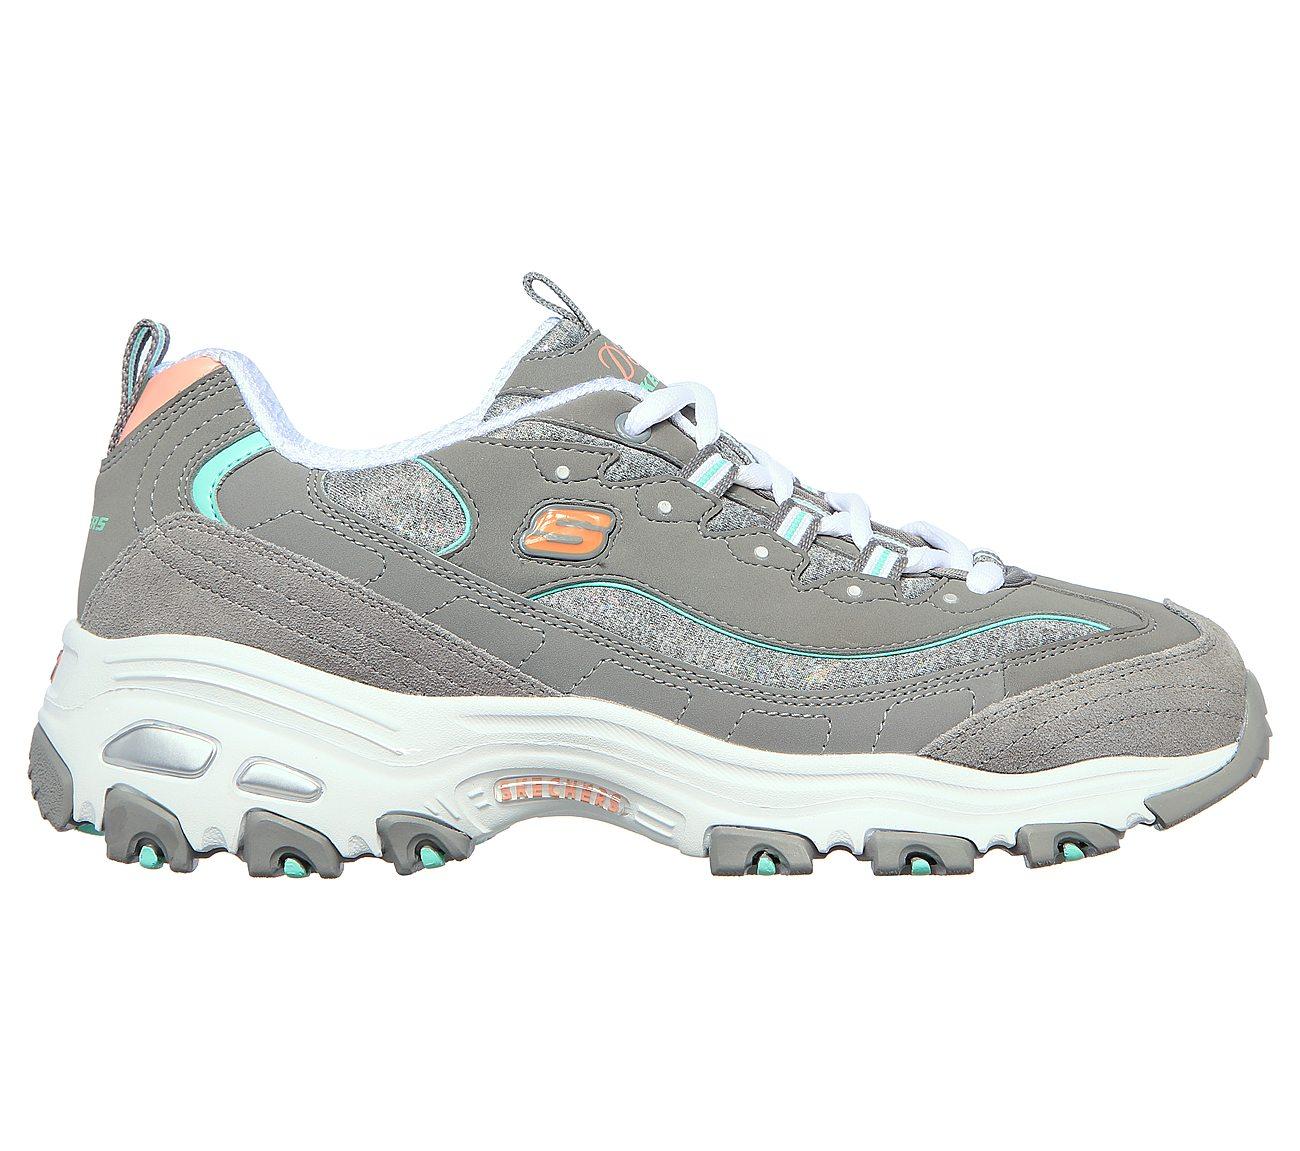 Buy SKECHERS D'Lites Sparkling Rain D'Lites Shoes vcU5O